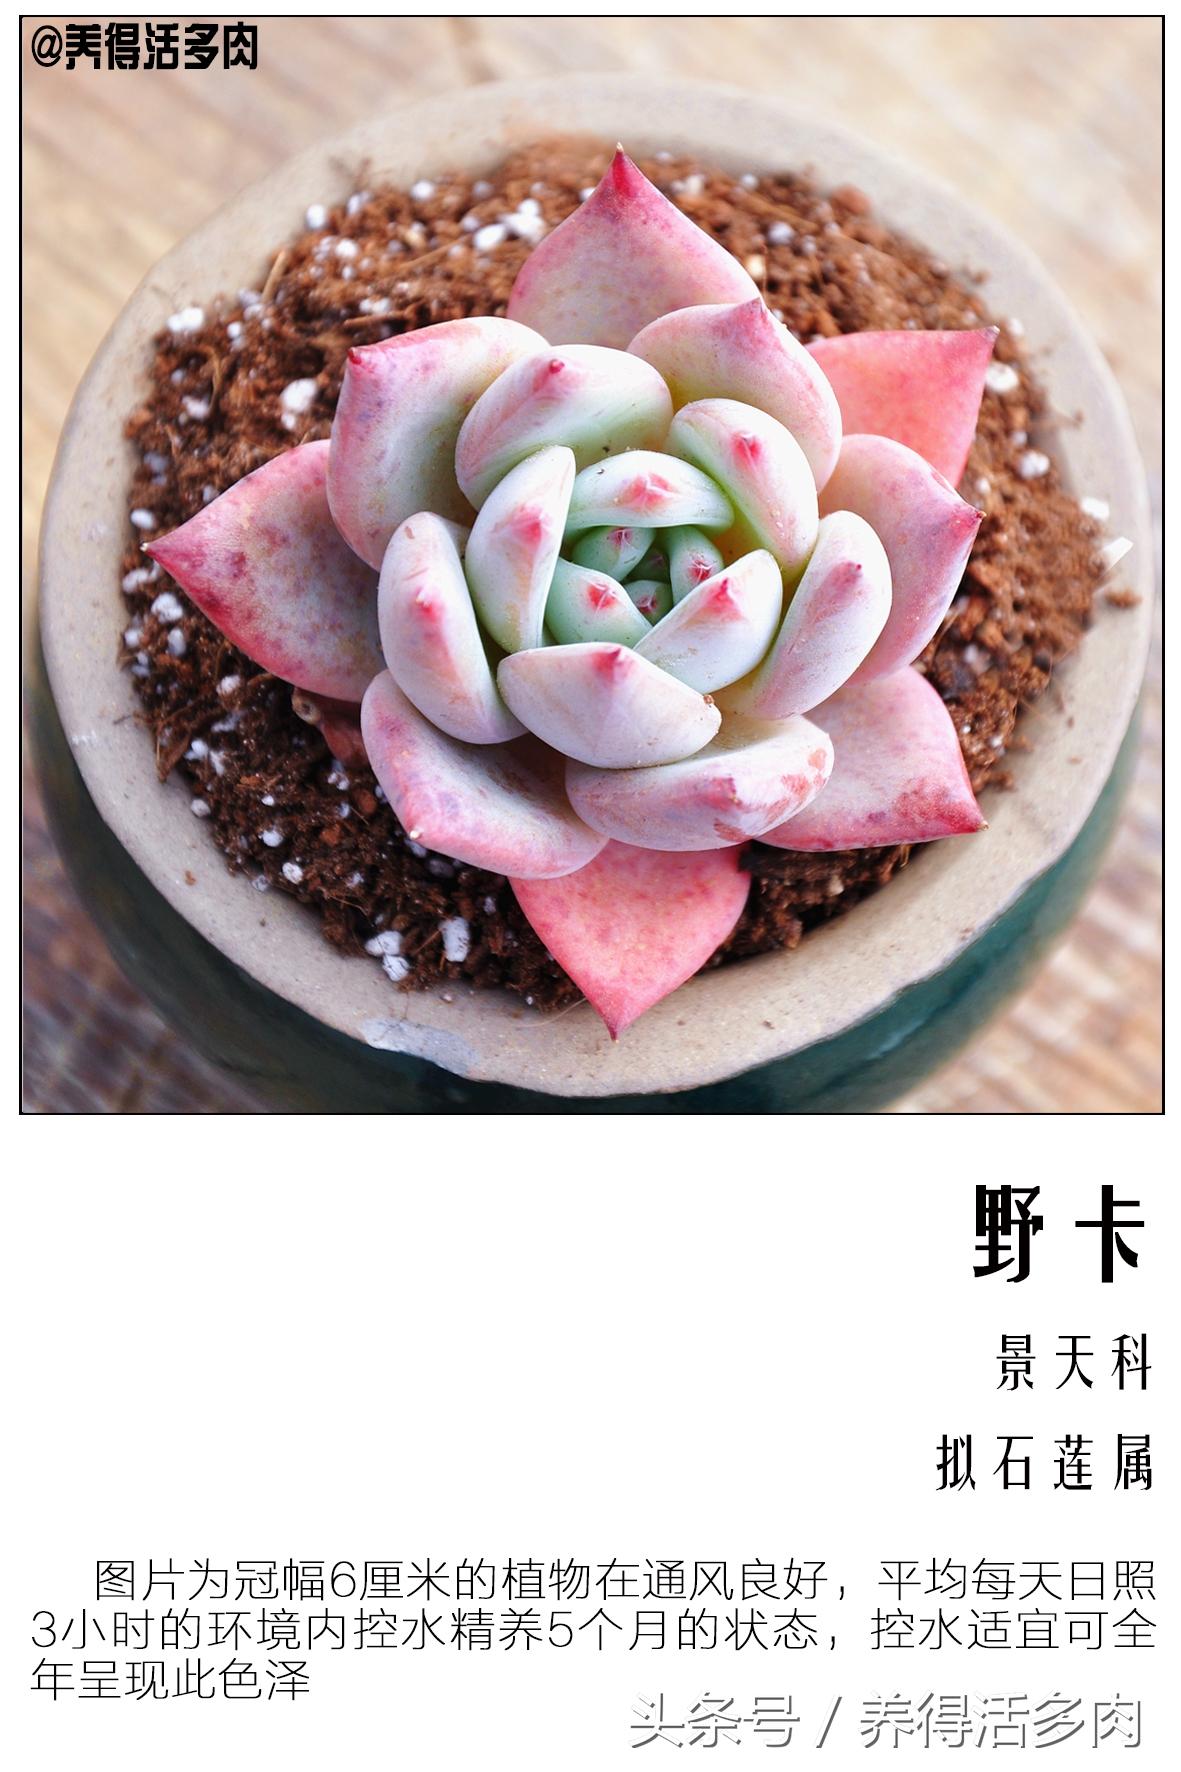 天天美图之安琪拉、艳日辉、野卡——养活活多肉植物